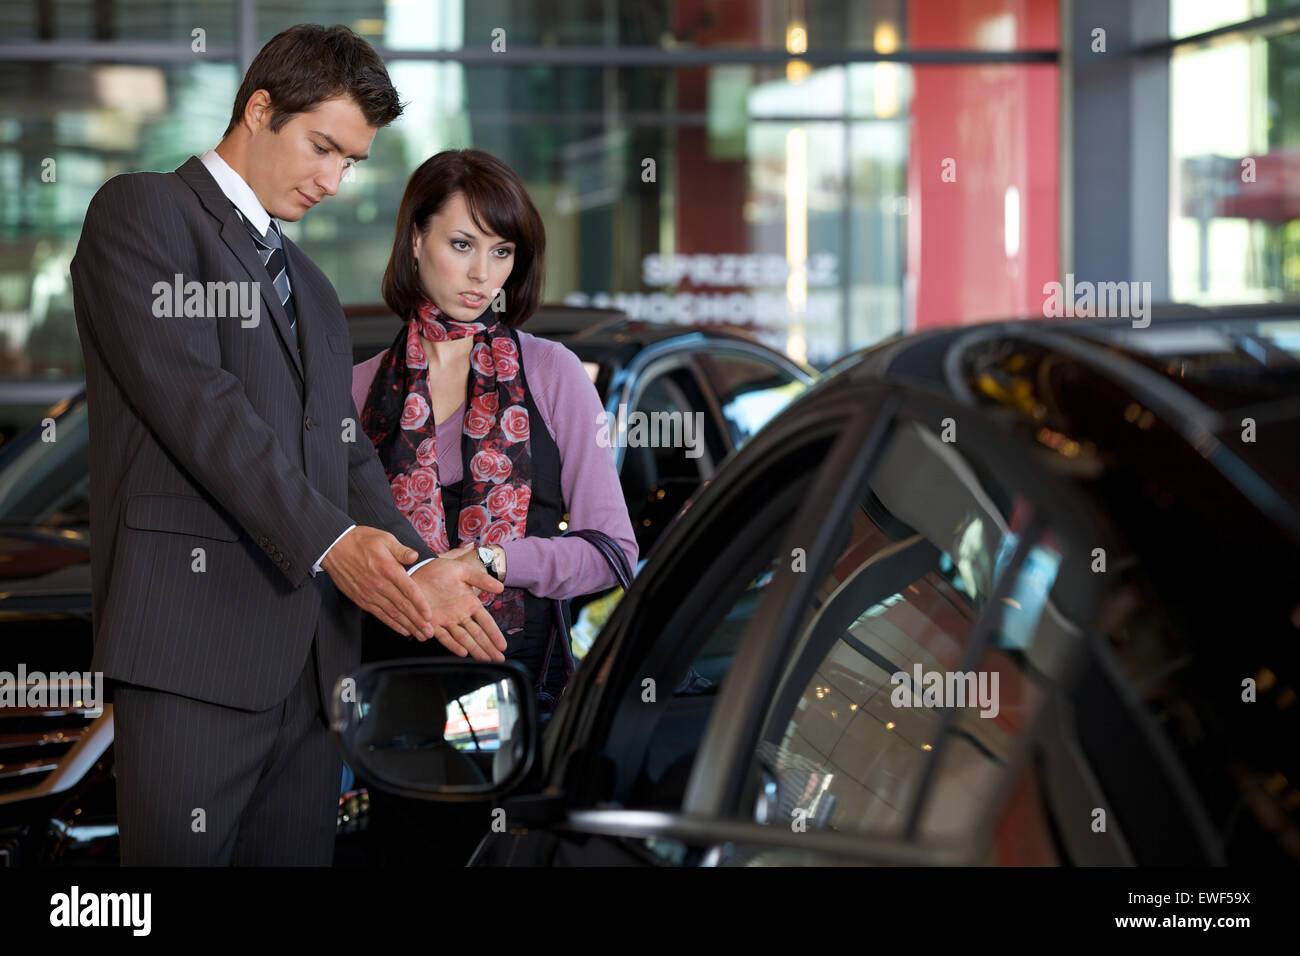 Vendeur de voiture voiture expliquant au client fonctionnalités Banque D'Images